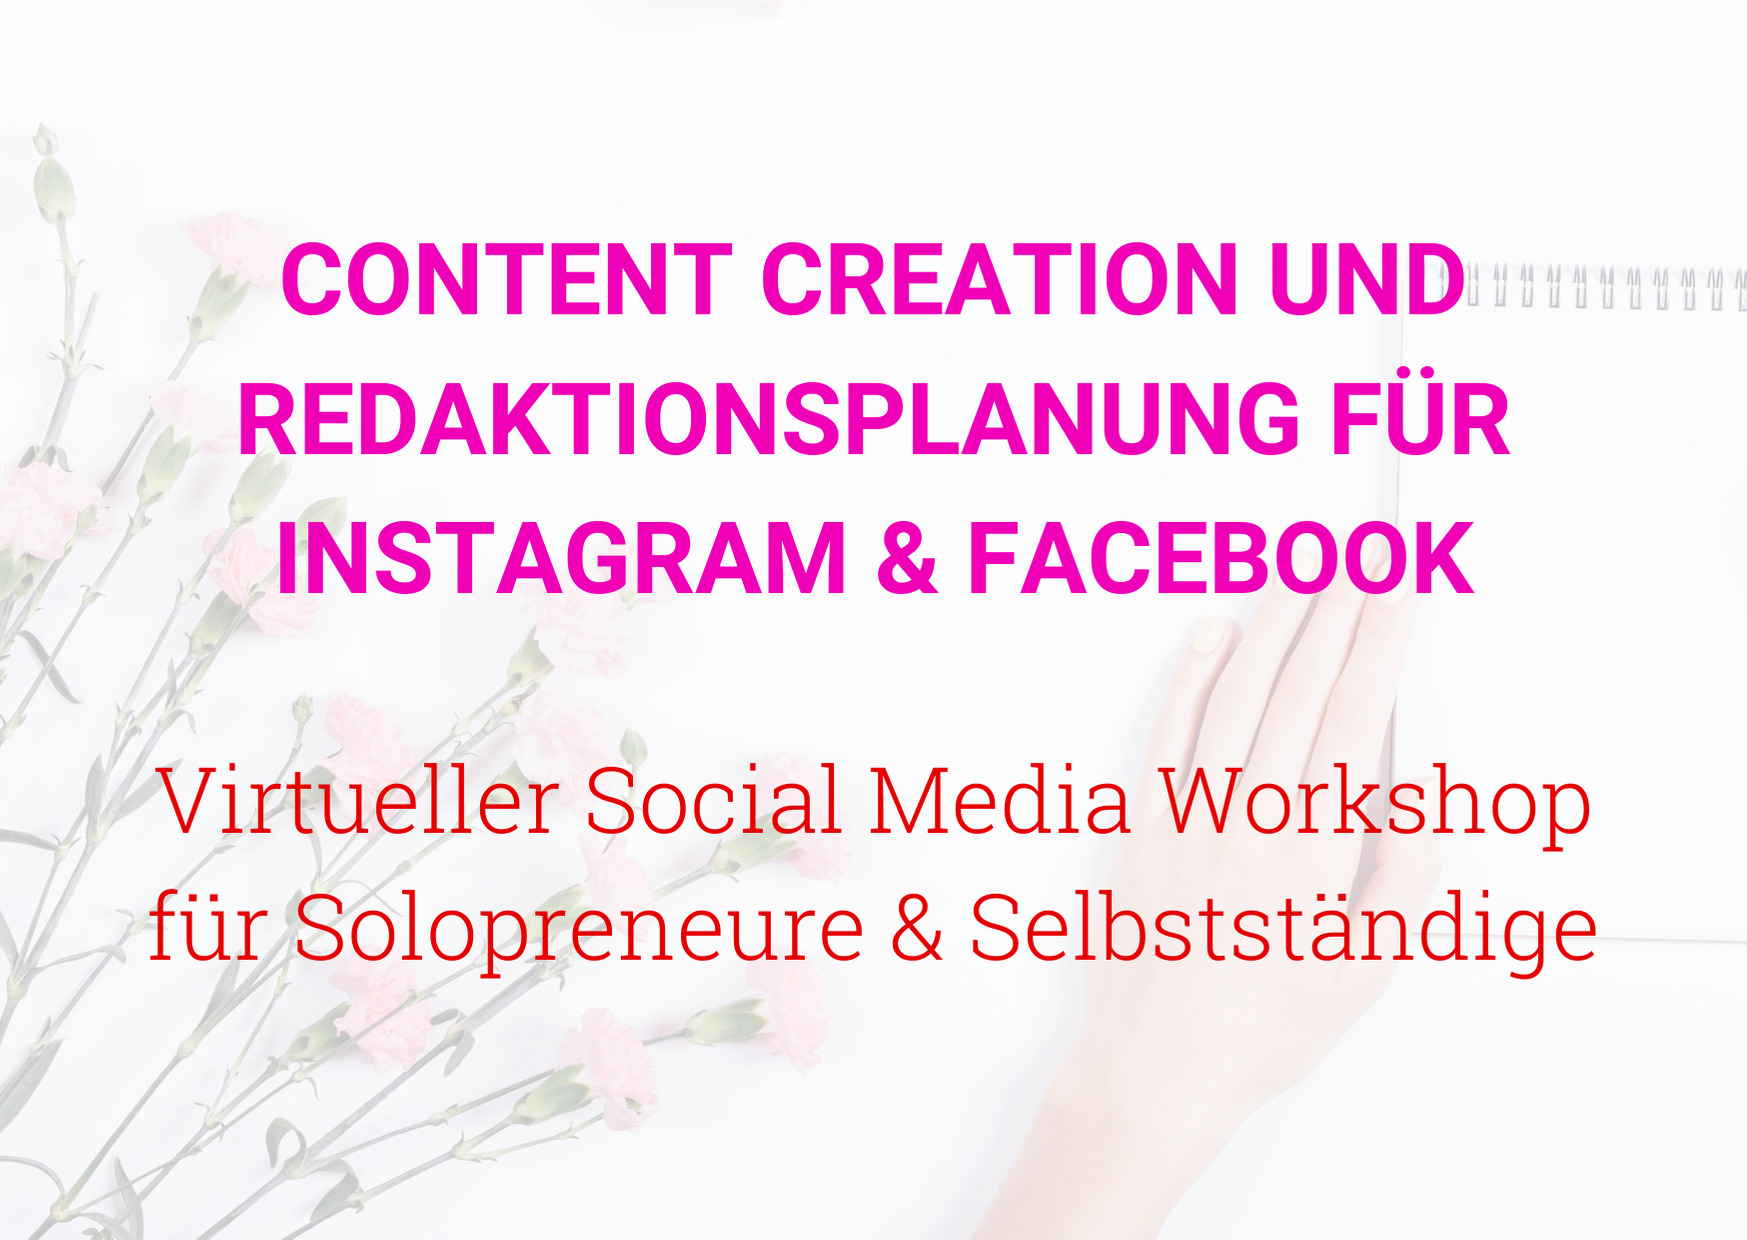 Content Creation und Redaktionsplanung für Instagram und Facebook